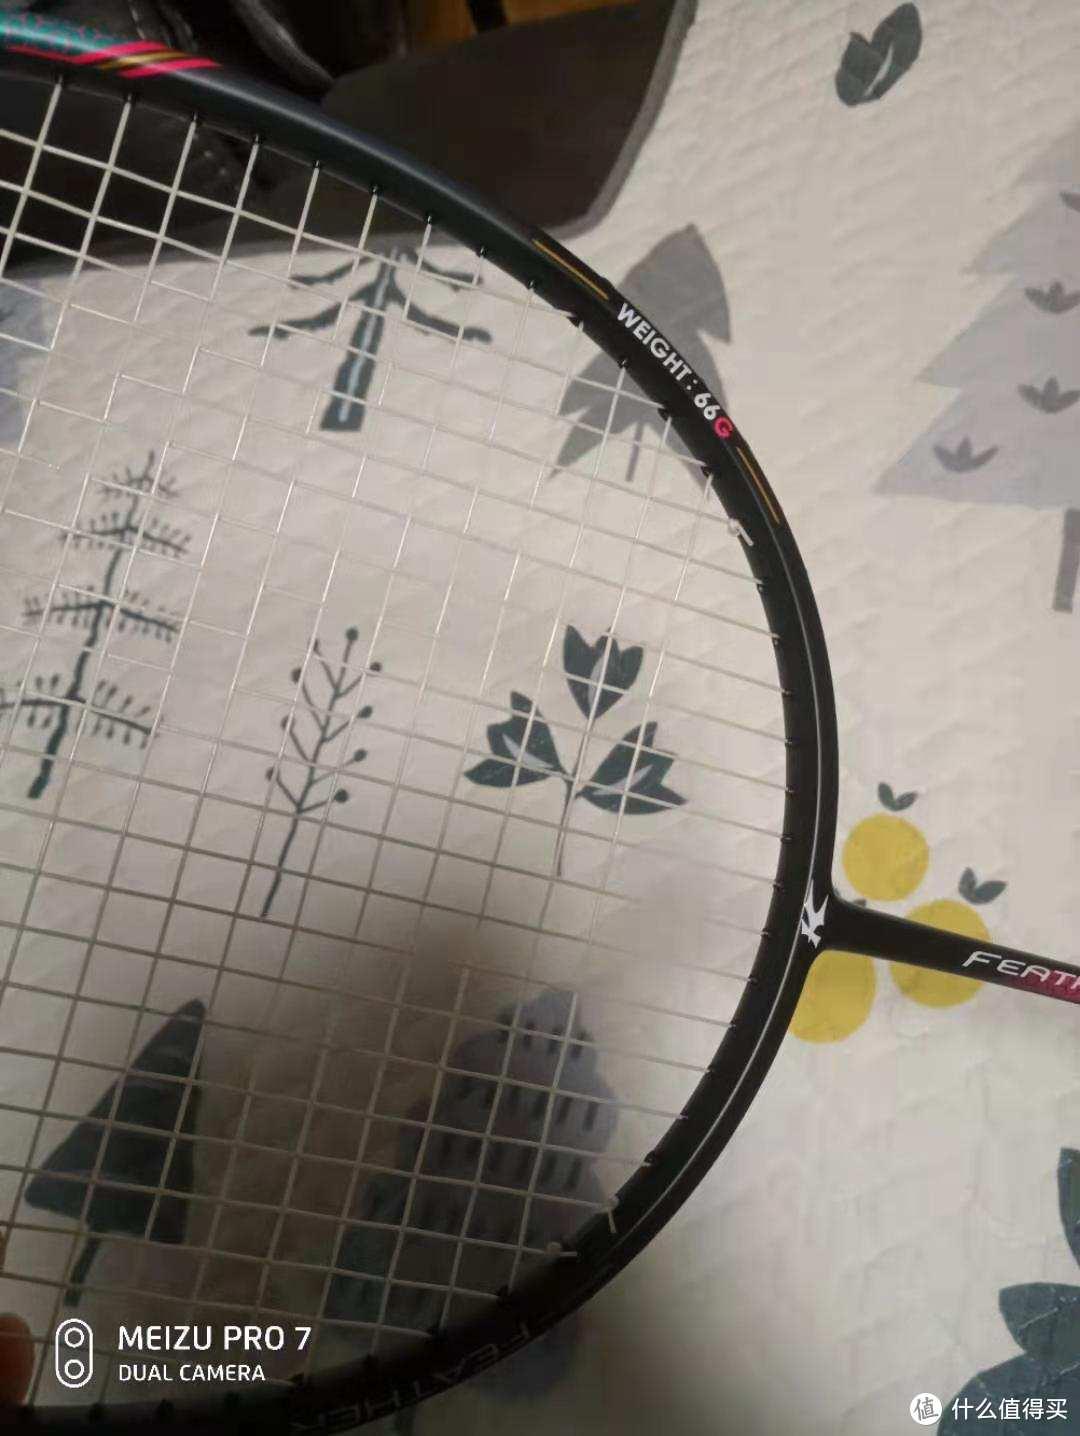 低成本选购入门羽毛球拍